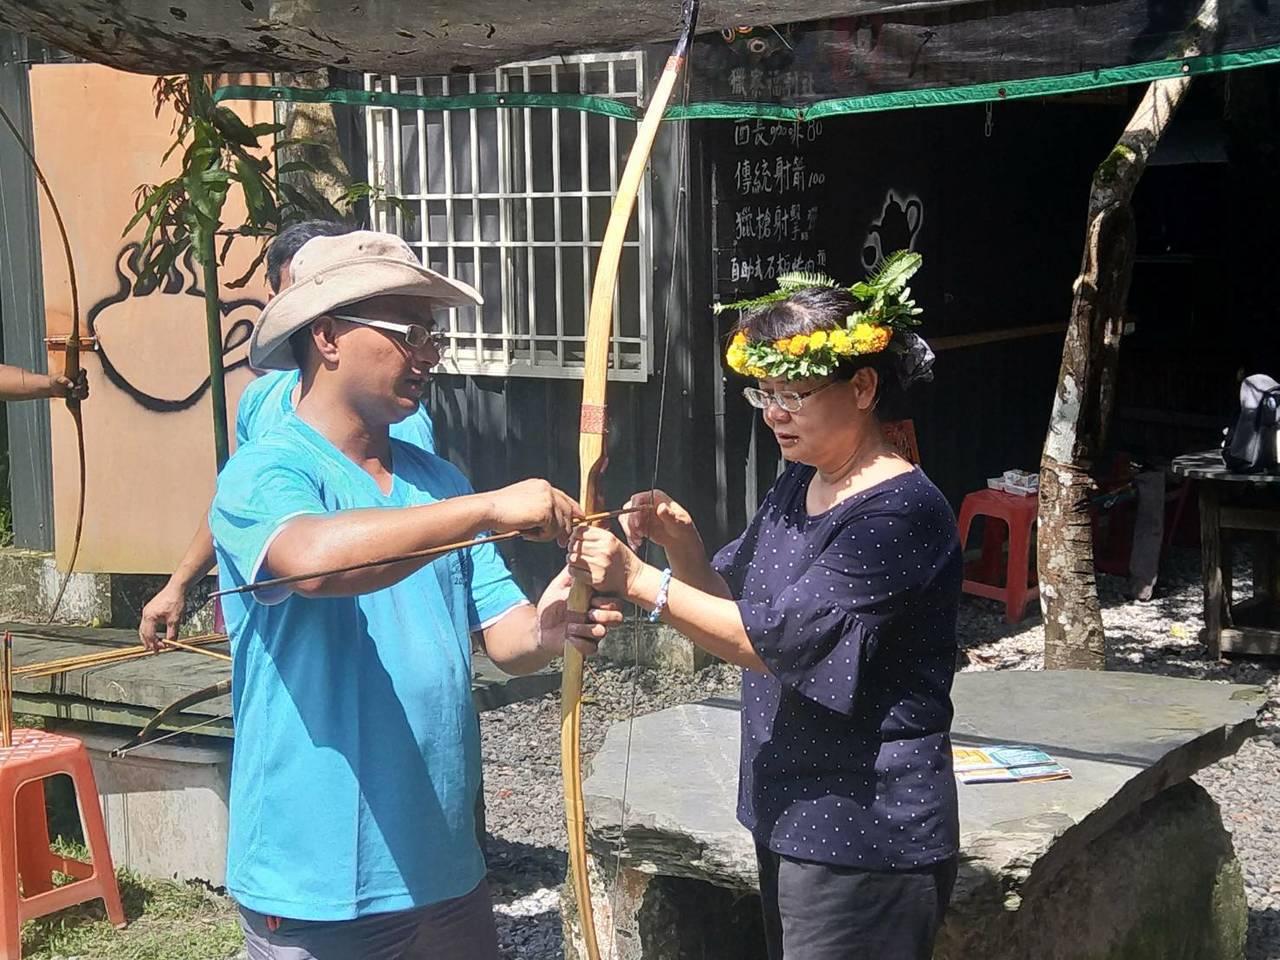 遊客學習原住民射箭技巧。記者徐白櫻/翻攝